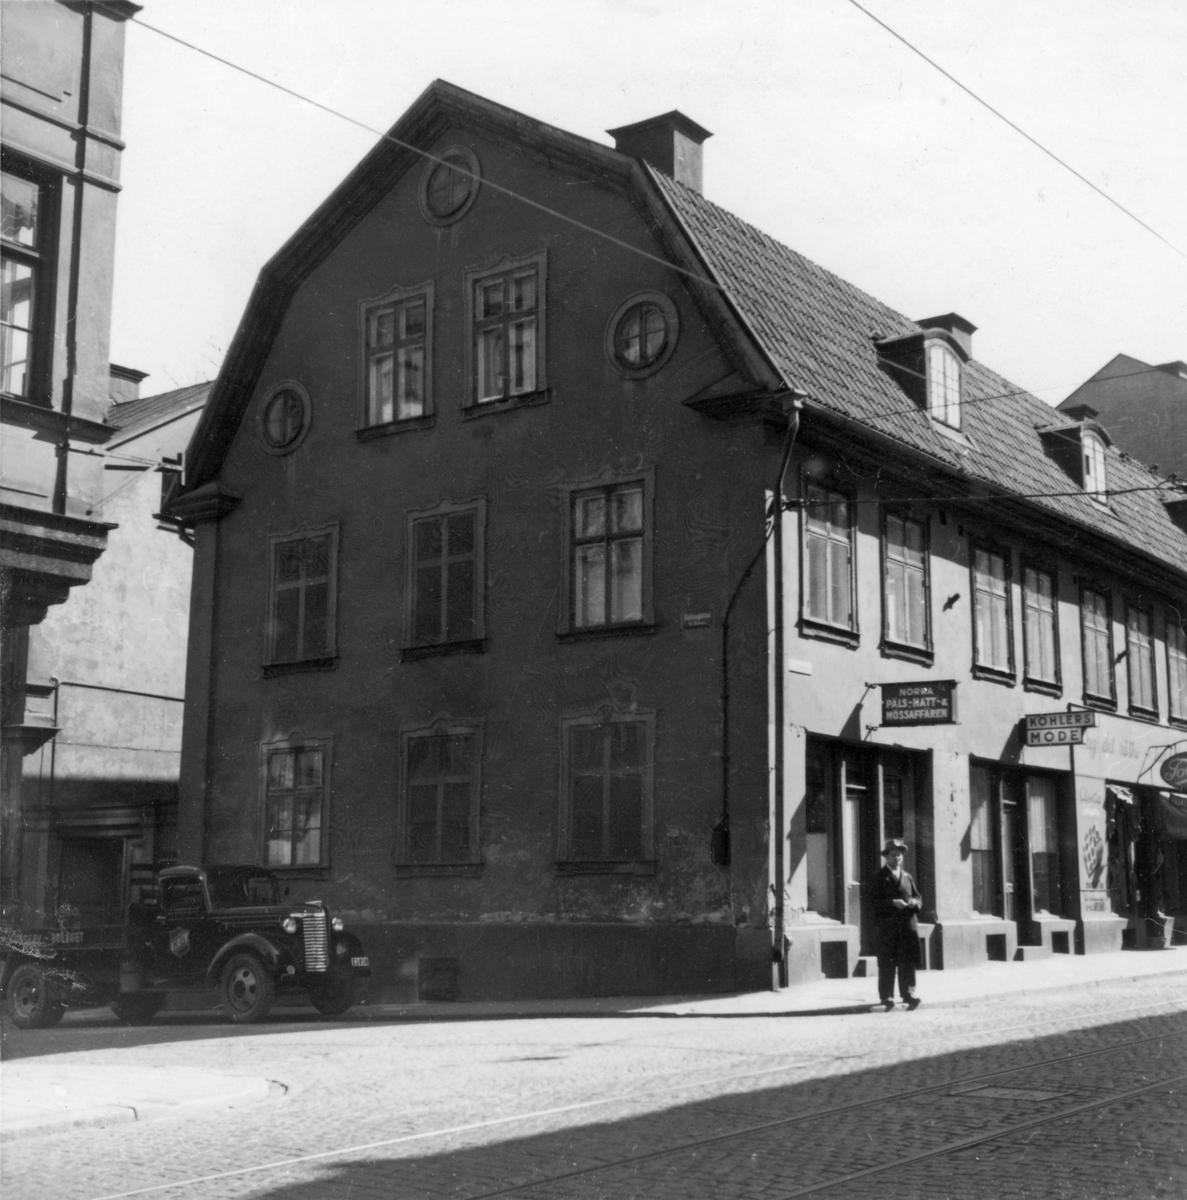 Arnbergska gården i hörnet av Vattengatan och Norra Kungsgatan. Här stiftades 1828 Musikaliska Sällskapet, ett av sveriges äldsta kammarkörer. Under rivningen 1954 hittades en väggmålning från sent 1700-tal. Byggnaden var ett av få hus som klarade sig undan 1820 års storbrand.